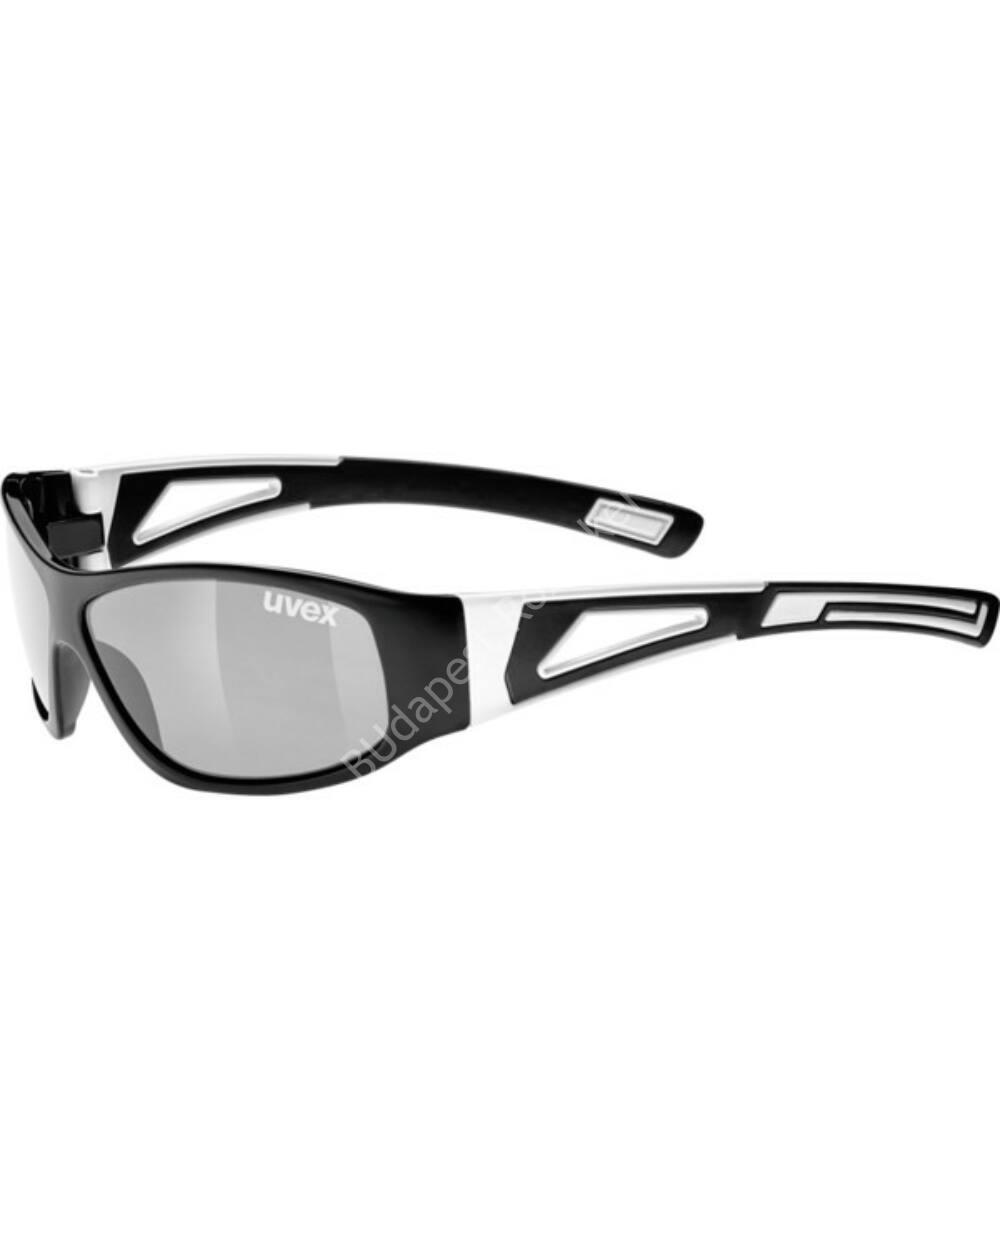 Uvex sportstyle 509 UV-védős sportszemüveg gyerekeknek, black